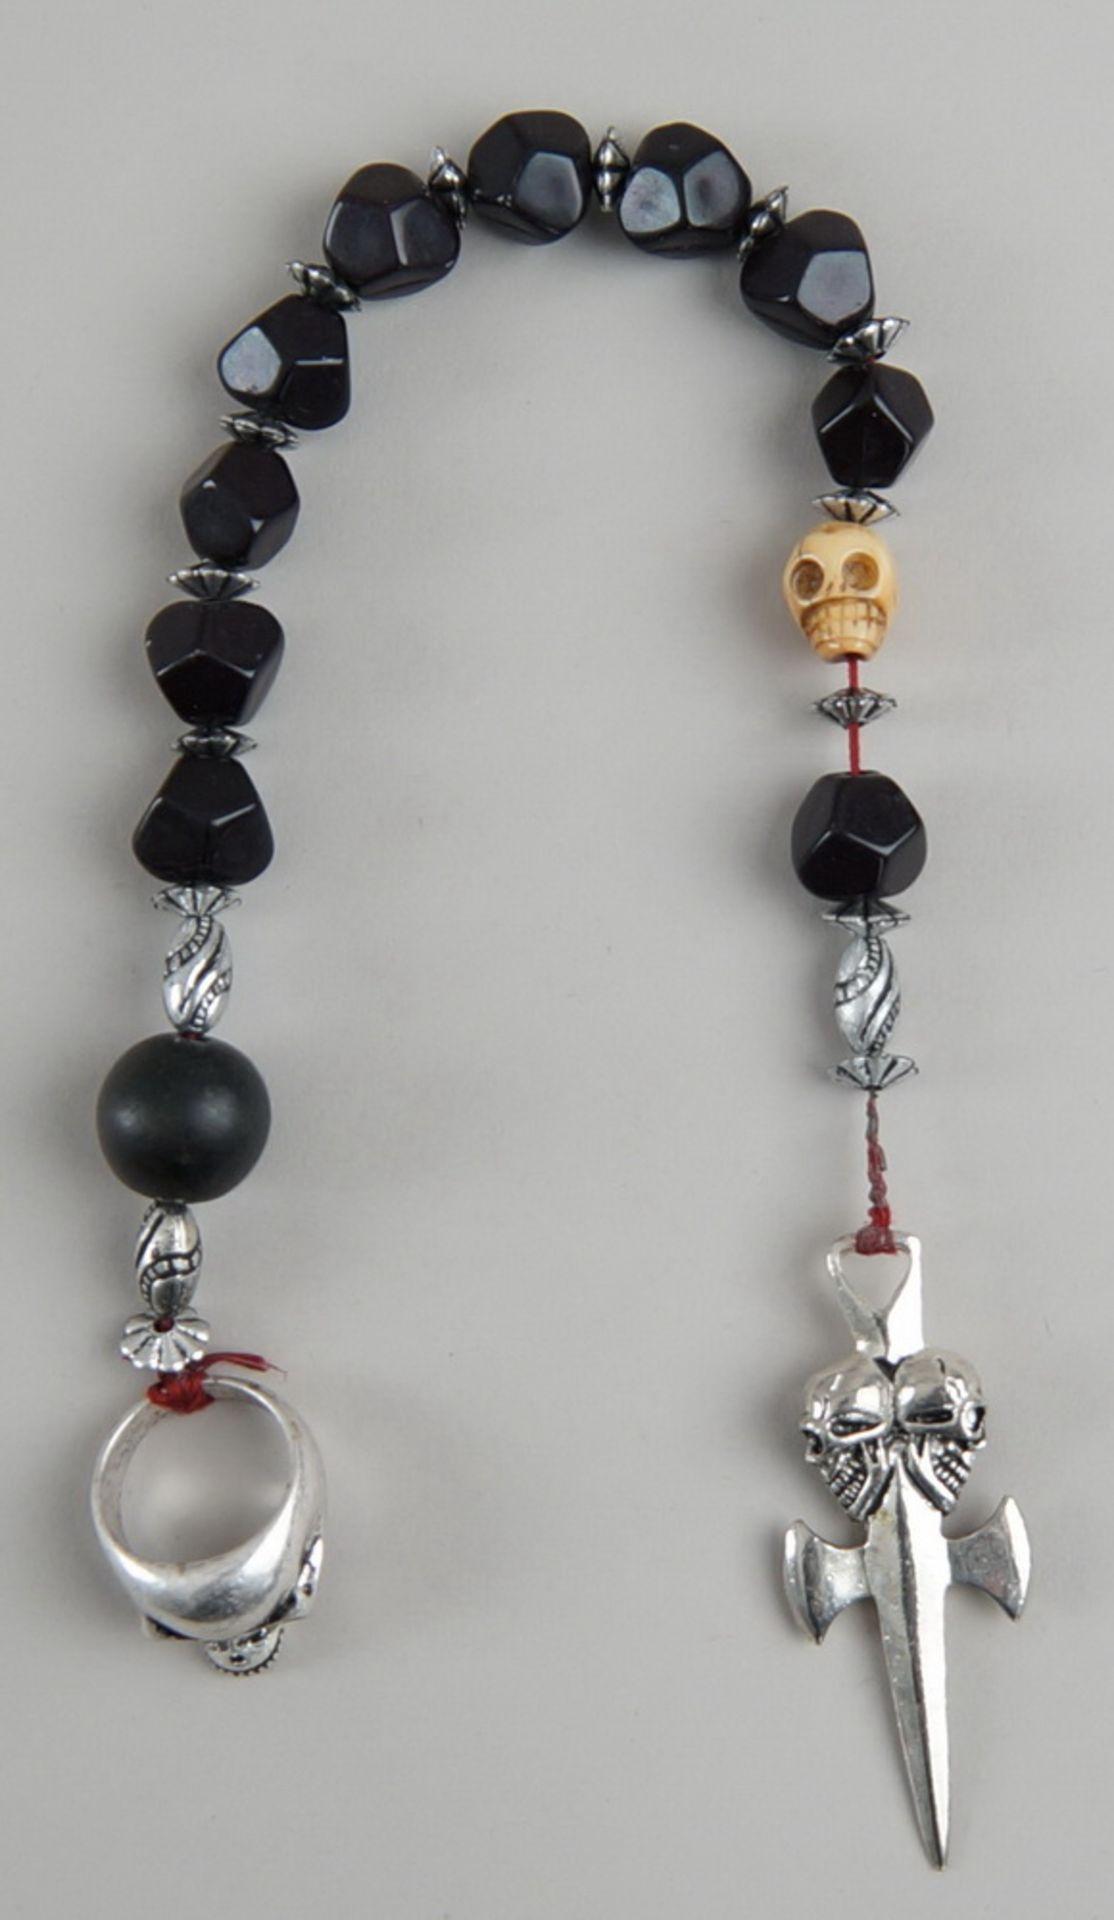 Los 26 - Faulenzer / Gebetskette mit Silberring und Totenkopf, kleines Kreuz, L 38cm